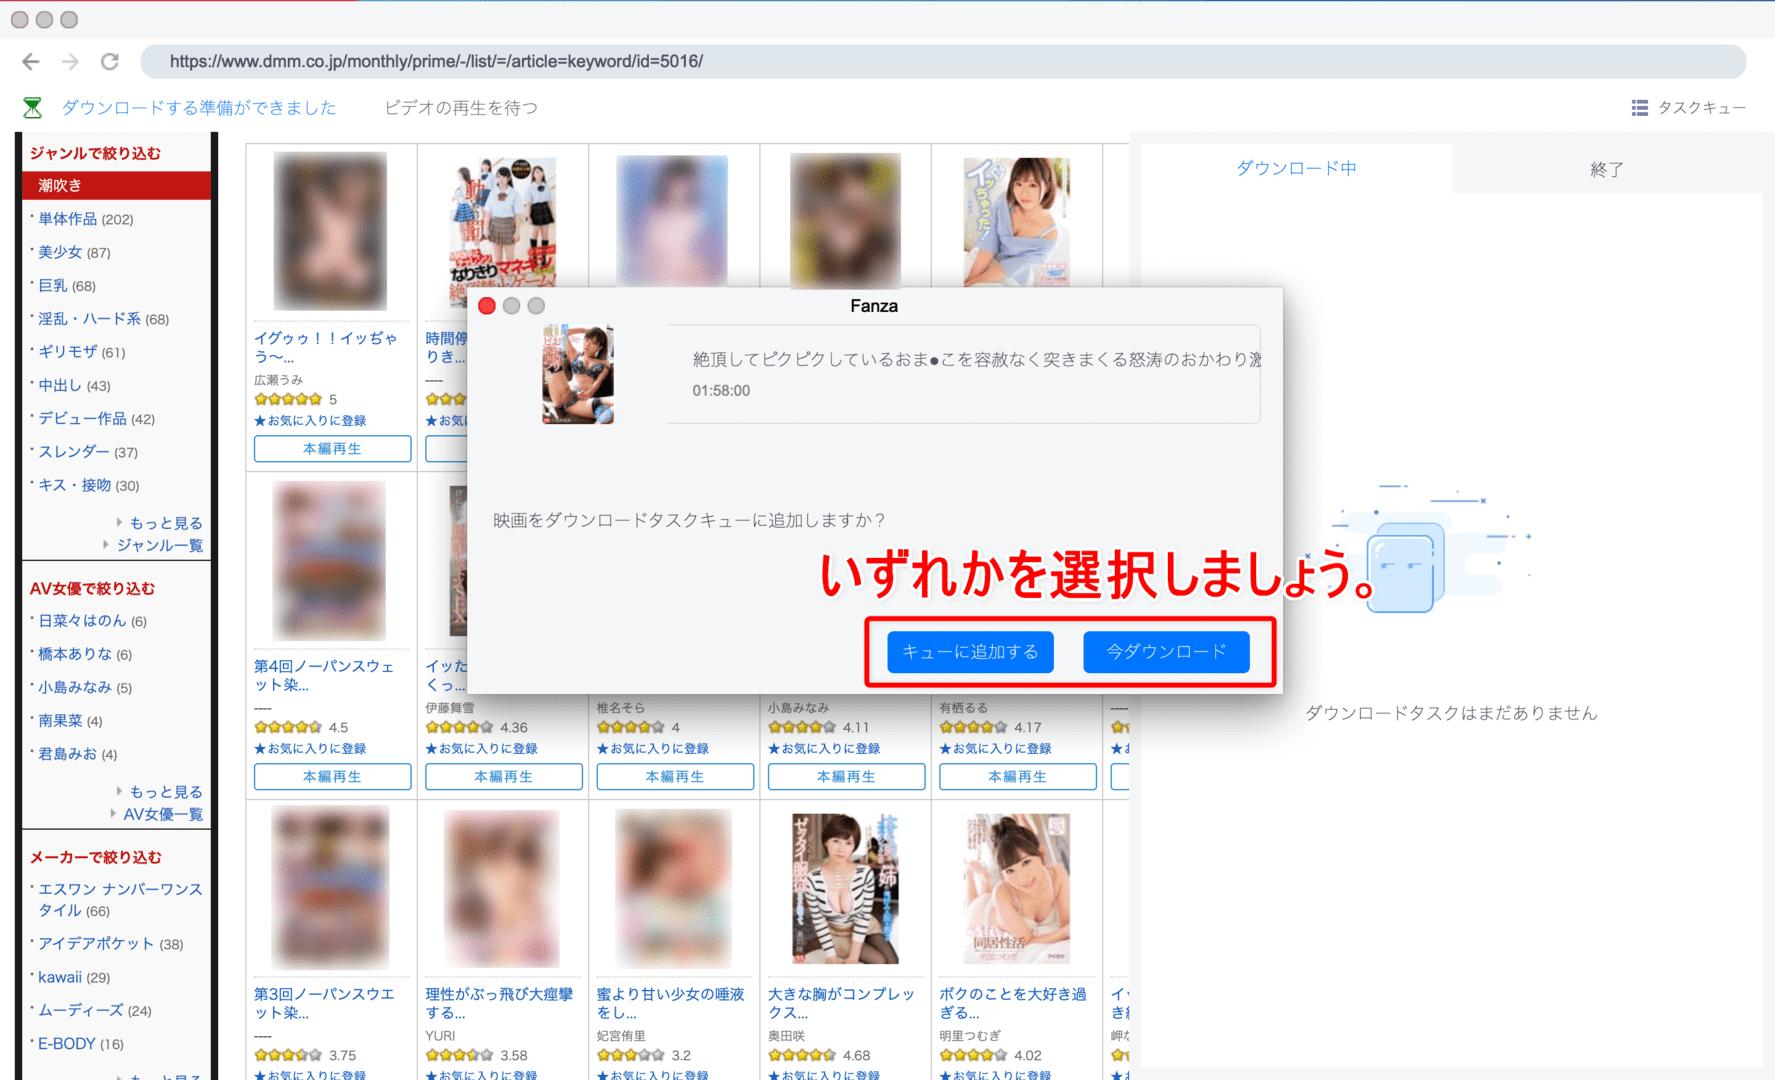 【Mac版FANZAのDRM解除方法】ストリーミング動画を画面録画!FANZAのDRM解除方法Mac版 録画保存した動画はスマホでオフライン再生可能! 録画方法:すると自動的に録画したい動画コンテンツをダウンロードするか選択できる画面が表示されます。 今すぐダウンロードしたい場合は「今ダウンロード」、他の動画作品も選択してまとめてダウンロードしたい場合は「キューに追加する」をクリックします。